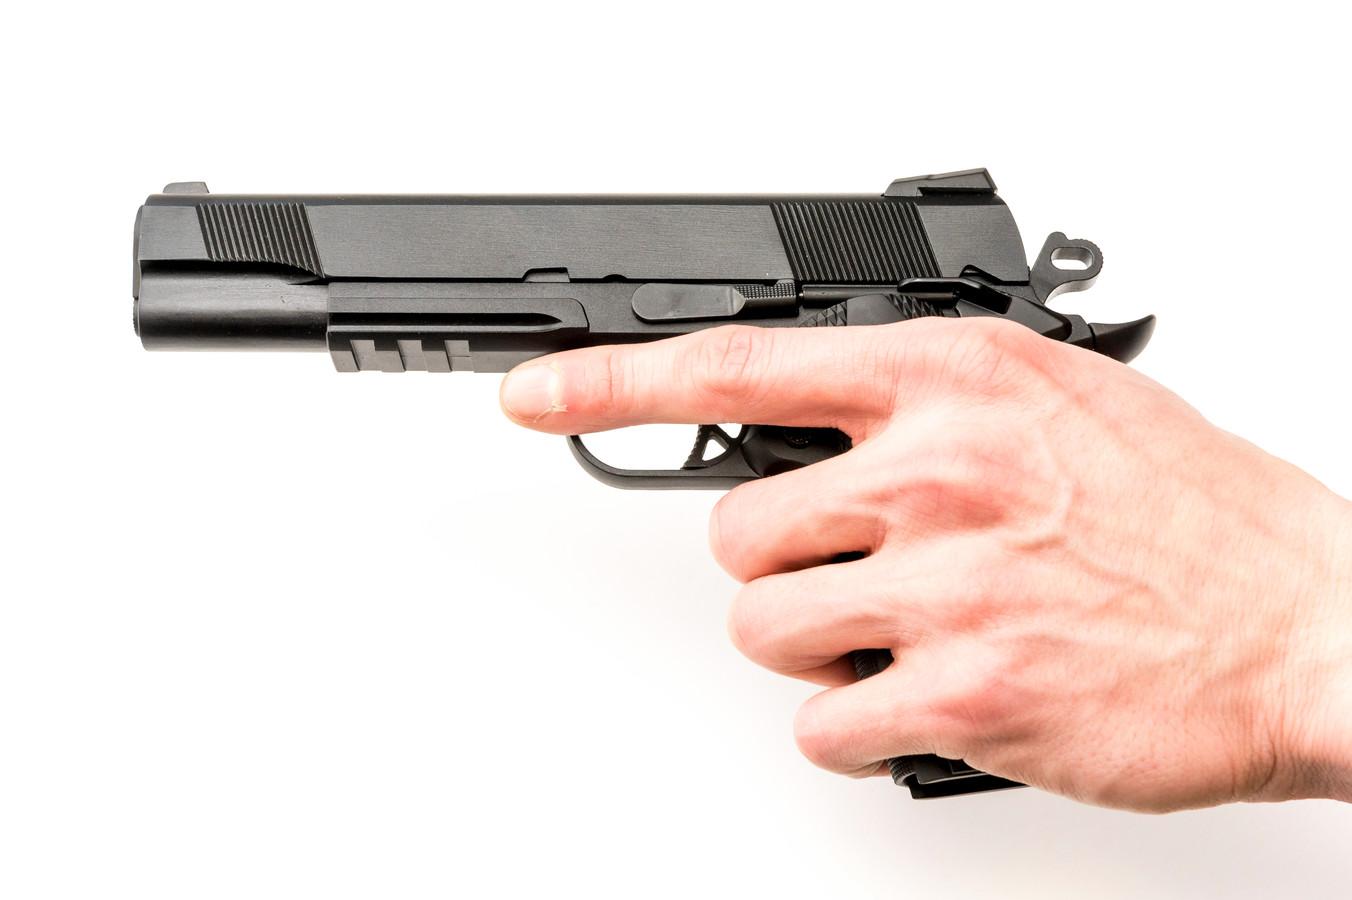 2015-01-31 15:10:27 WOUW - Een airsoft gun, een replica van een bestaande wapen, van de WE M1911. ANP XTRA LEX VAN LIESHOUT